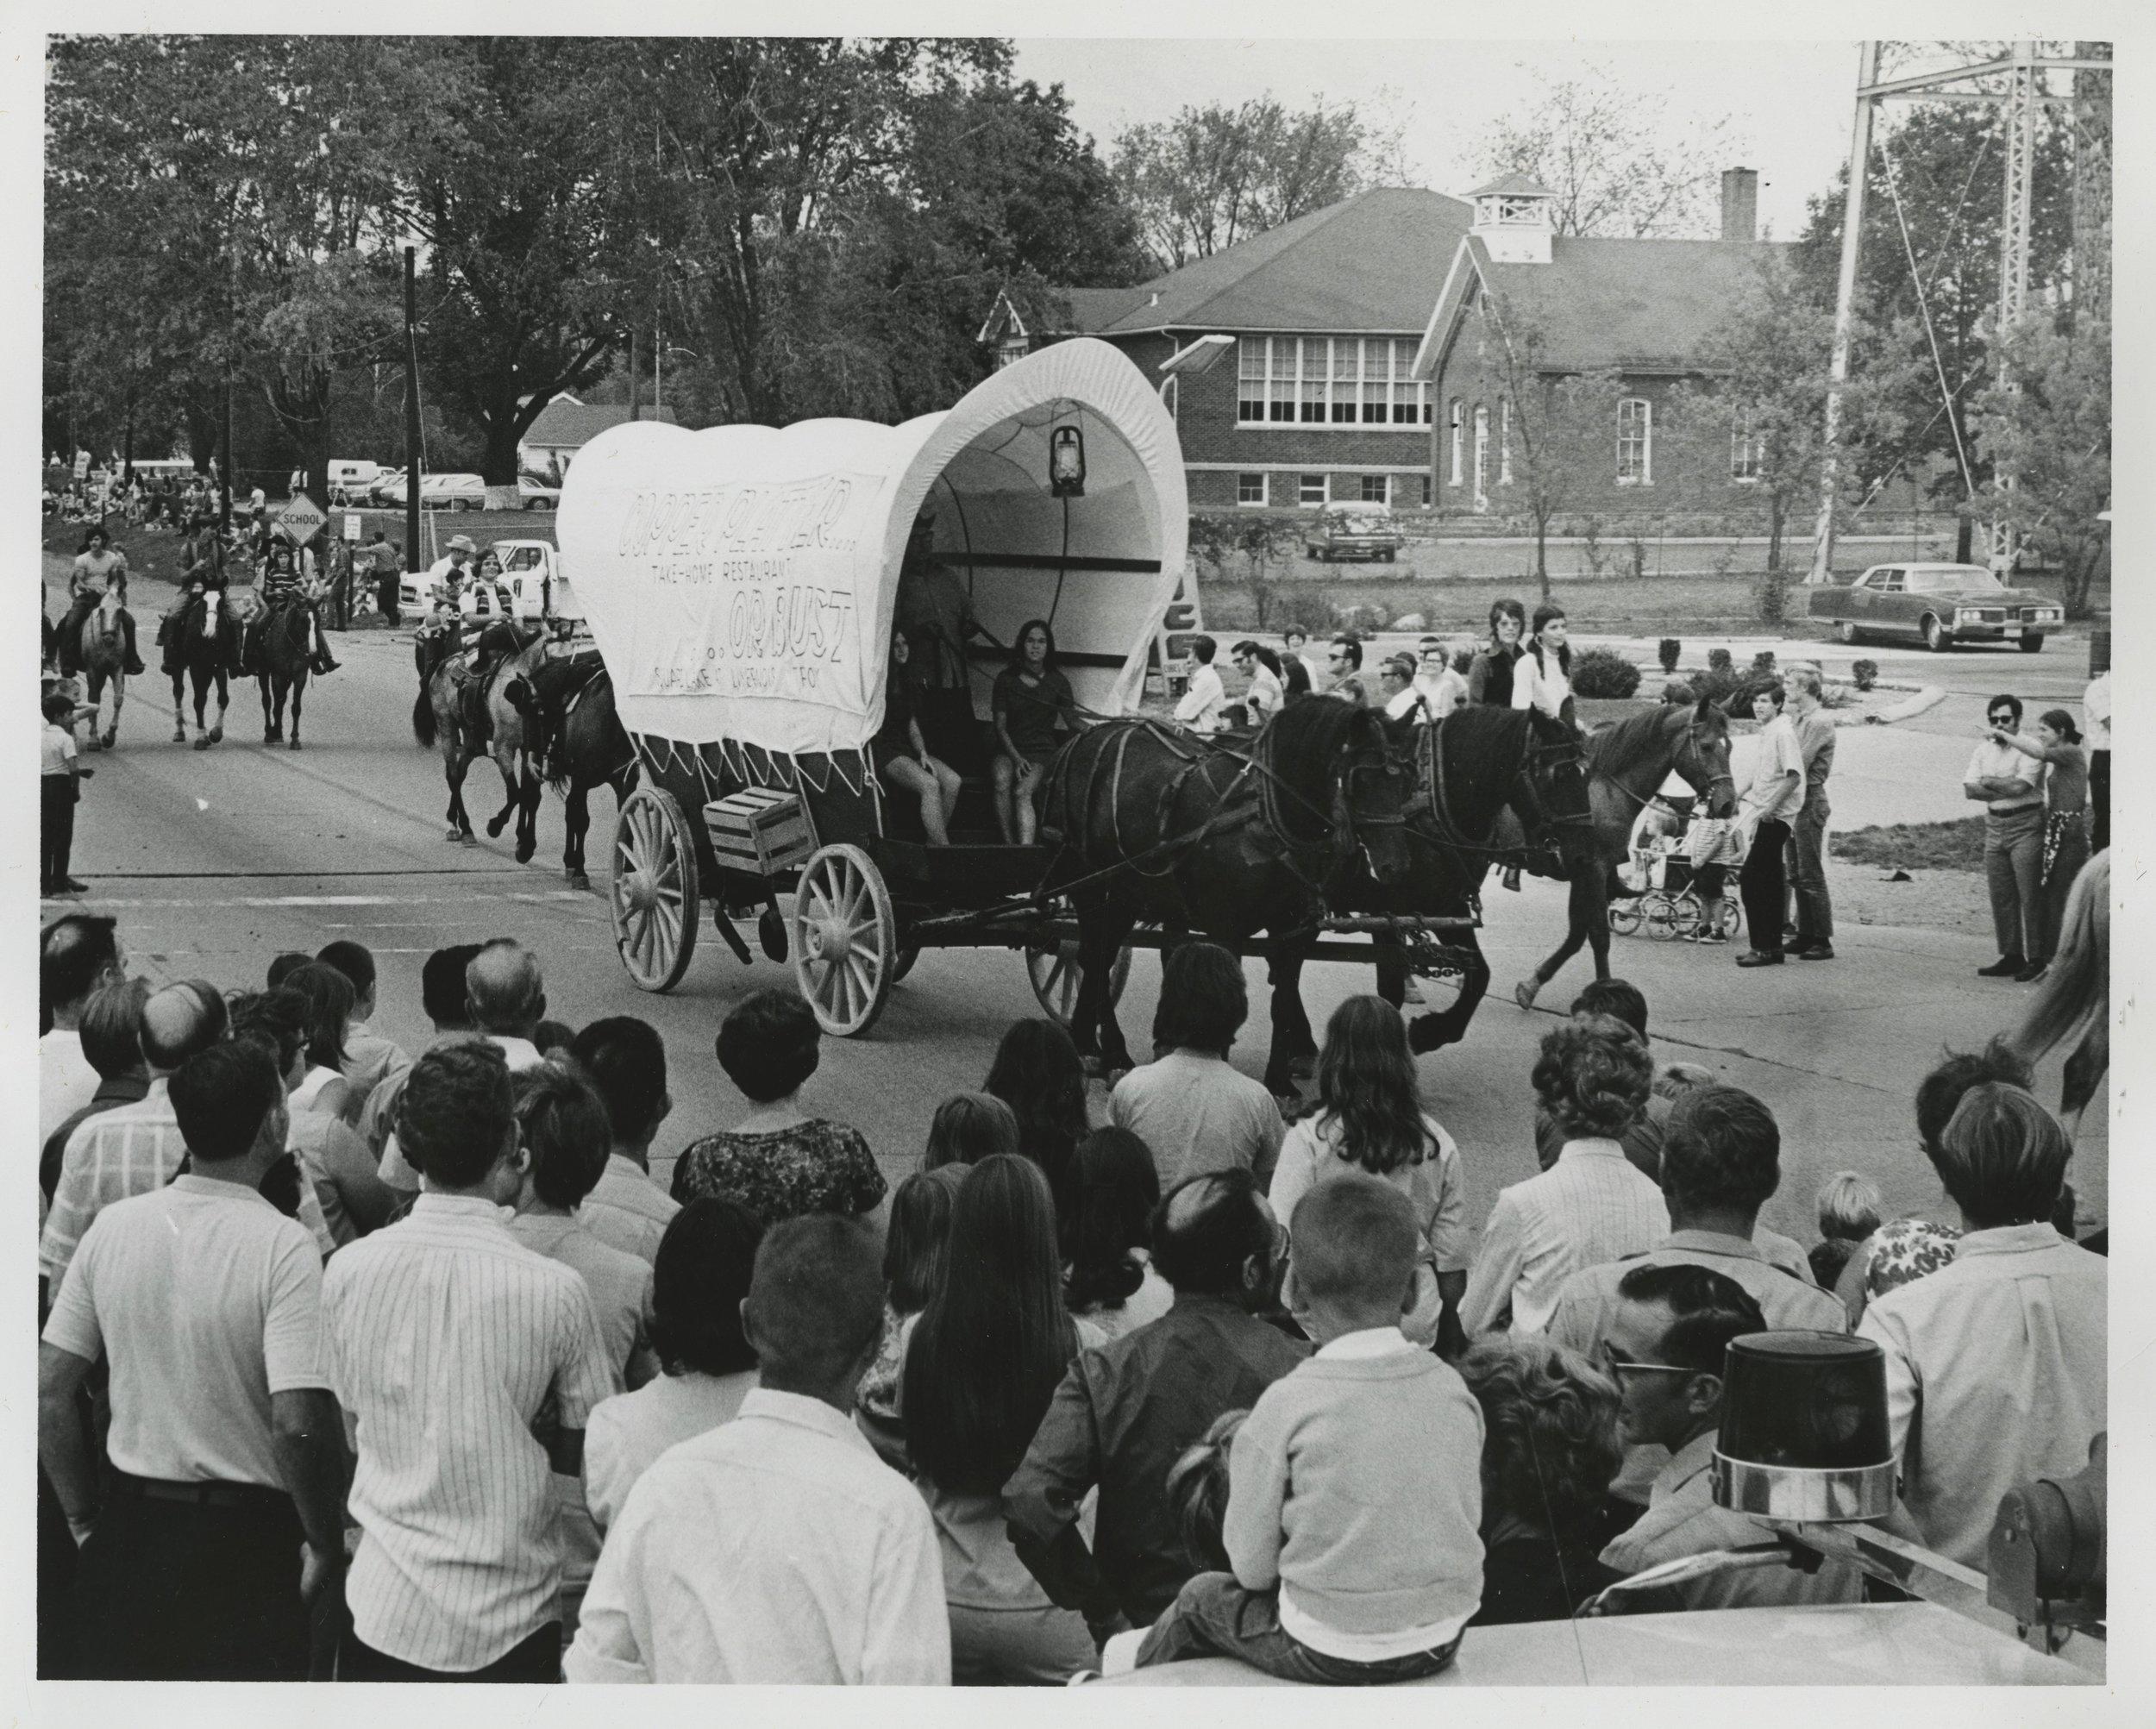 Parade Horse Drawn Wagon.